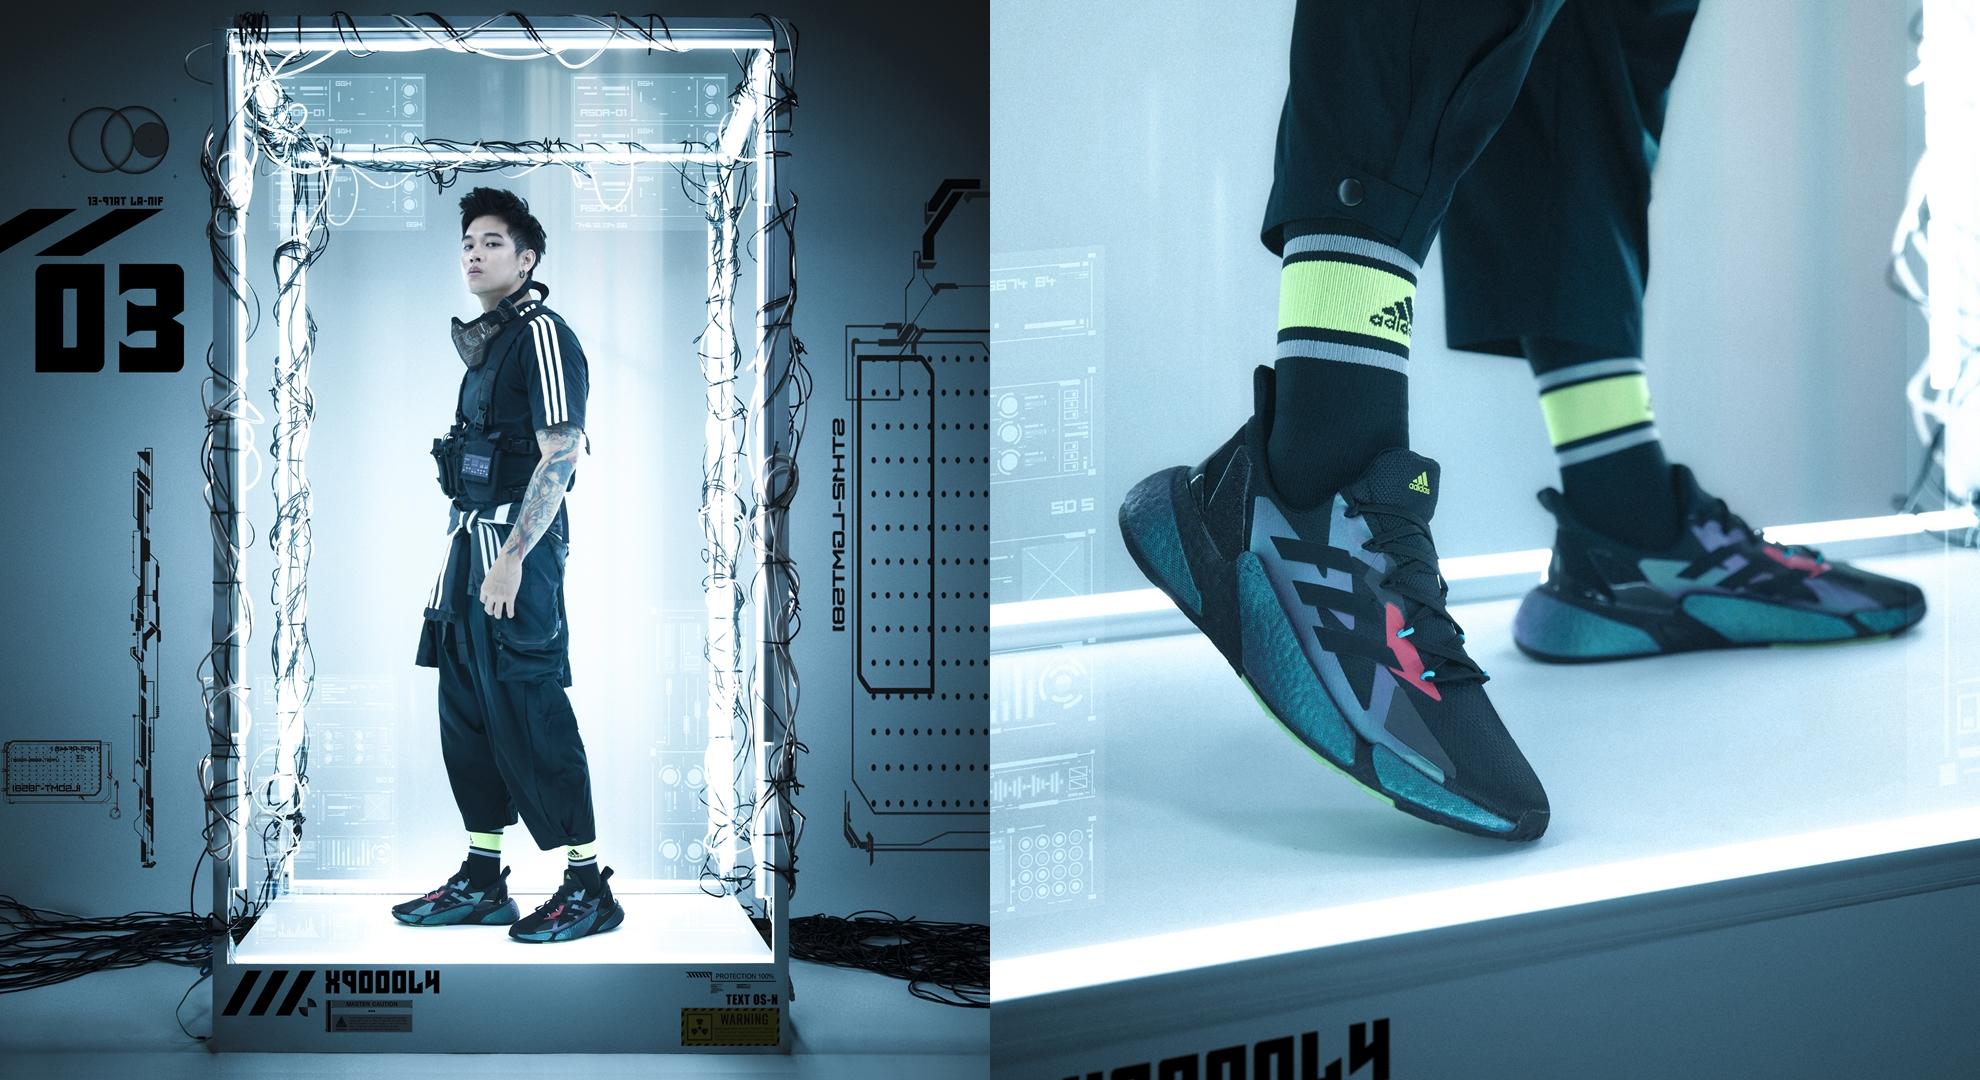 金曲入圍只是開始!adidas X9000 科技跑鞋 x 最強嘻哈新人高爾宣,教你如何用 Cyberpunk 穿搭炸翻全場